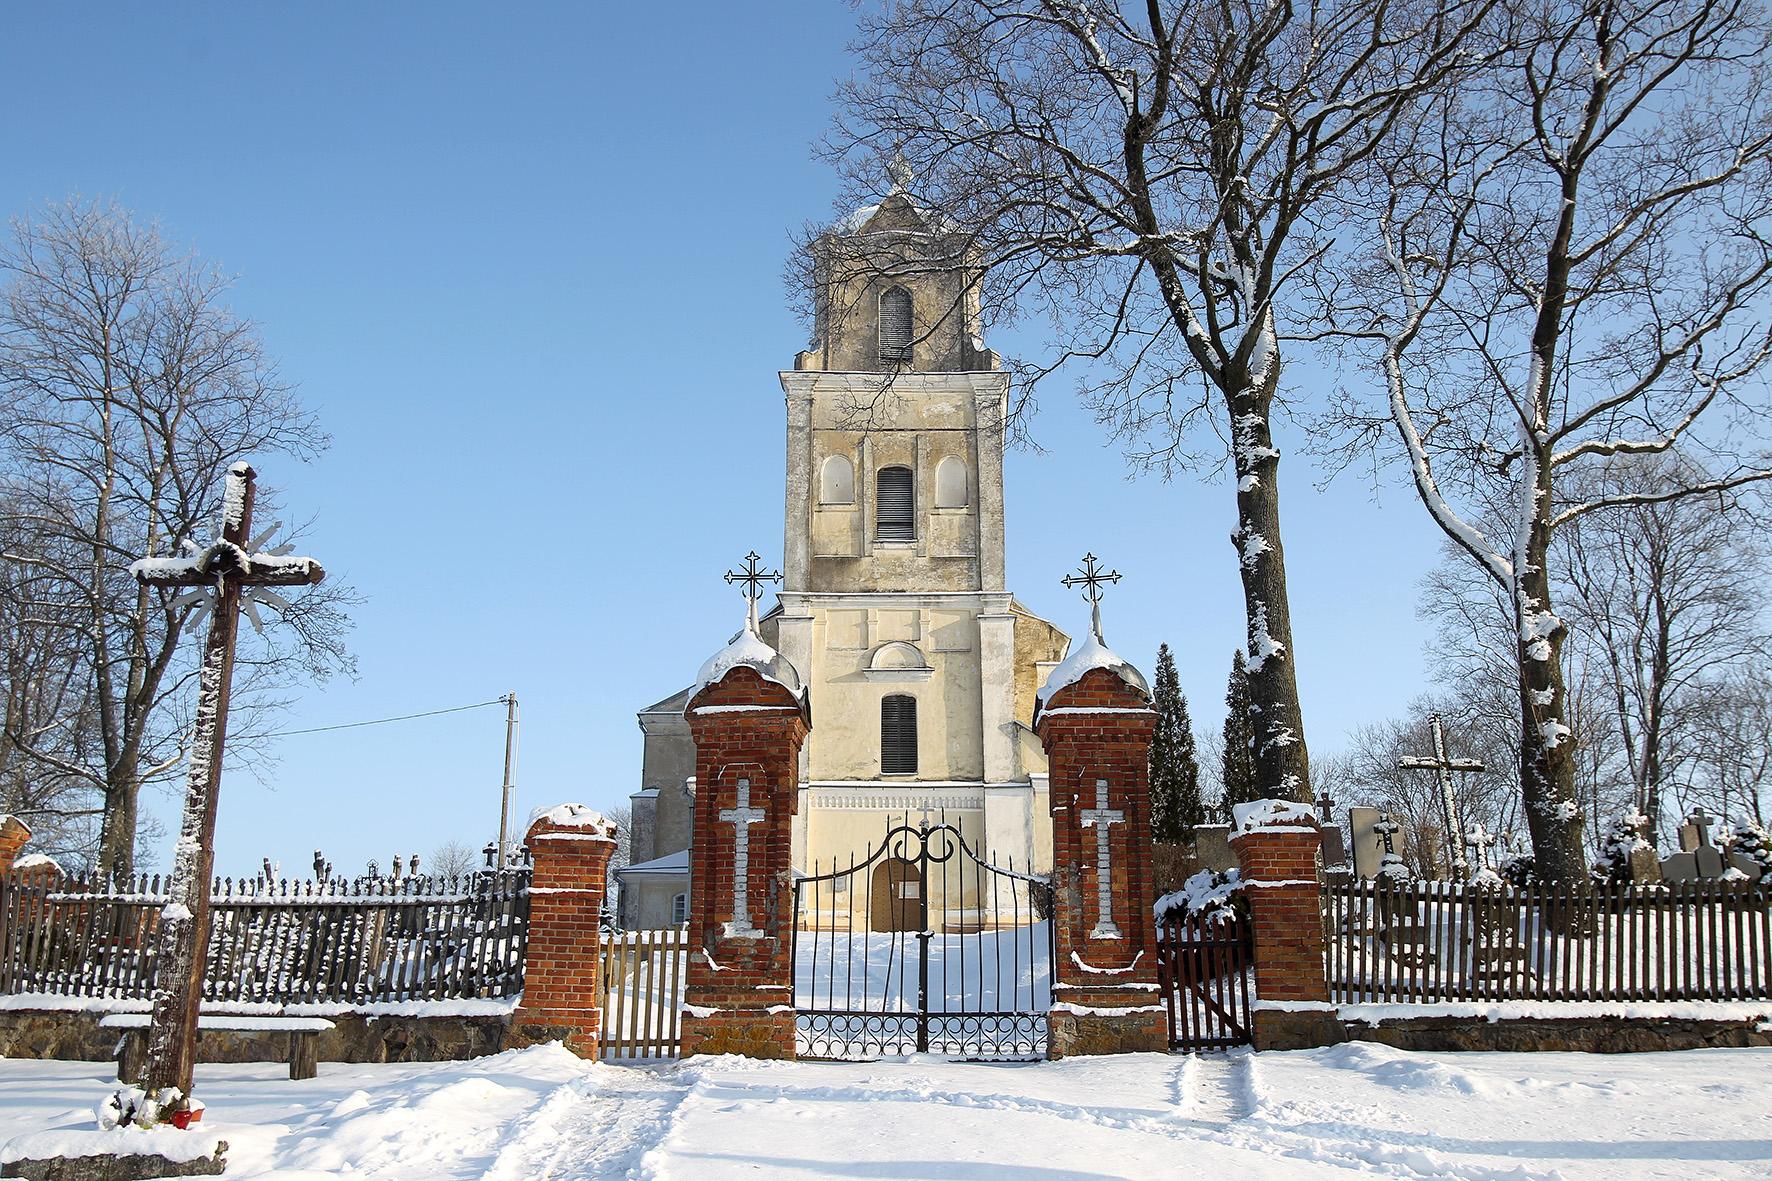 Gražiai svajojant nejučia privažiuojame didingą Apytalaukio Šv. Apaštalų Petro ir Povilo bažnyčią. Šis unikalus baroko statinys, statytas dar 1635 metais. A. Barzdžiaus nuotr.